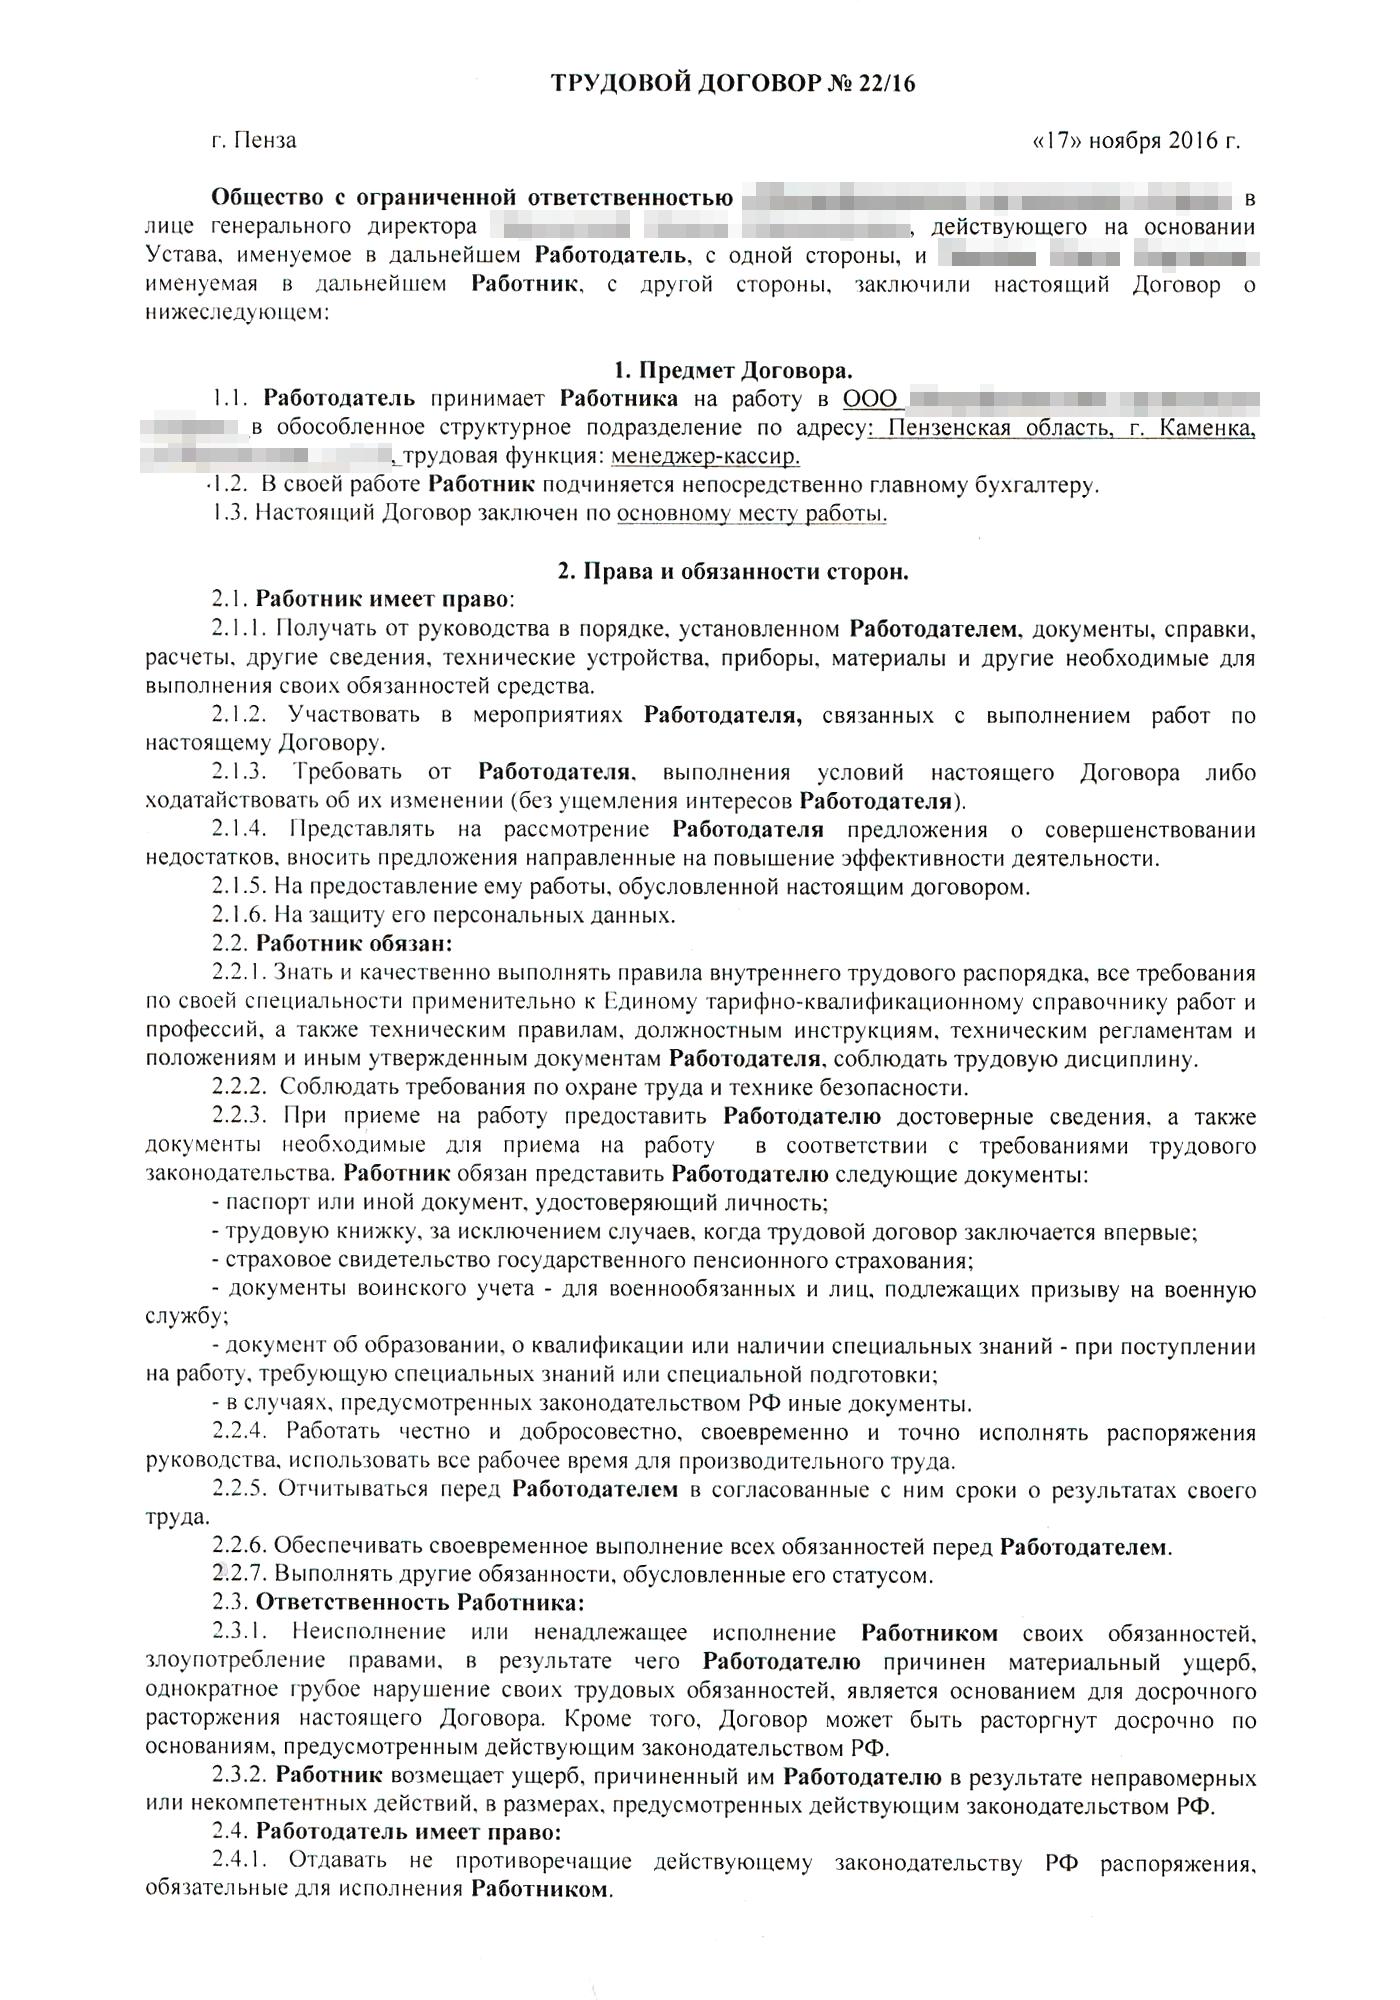 Конкретные даты выдачи зарплаты мы прописываем в трудовом договоре. Здесь они указаны в пункте 5.1